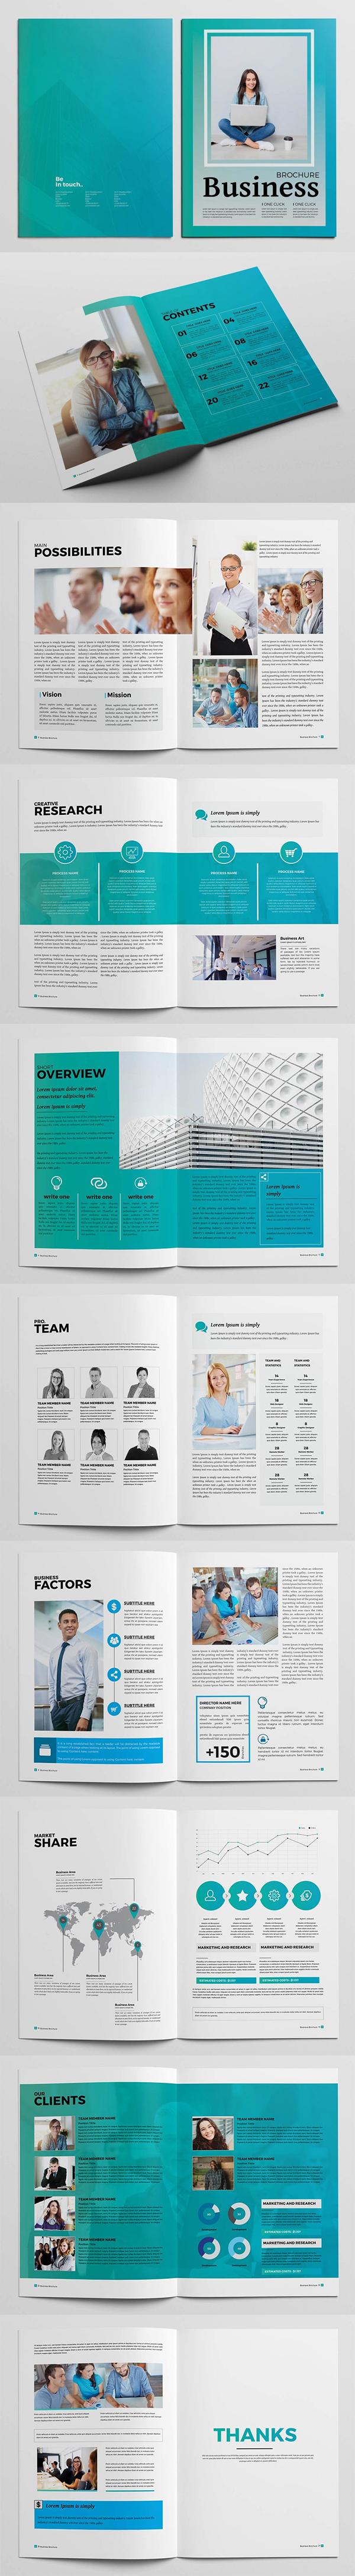 folletos profesionales elegante de negocio